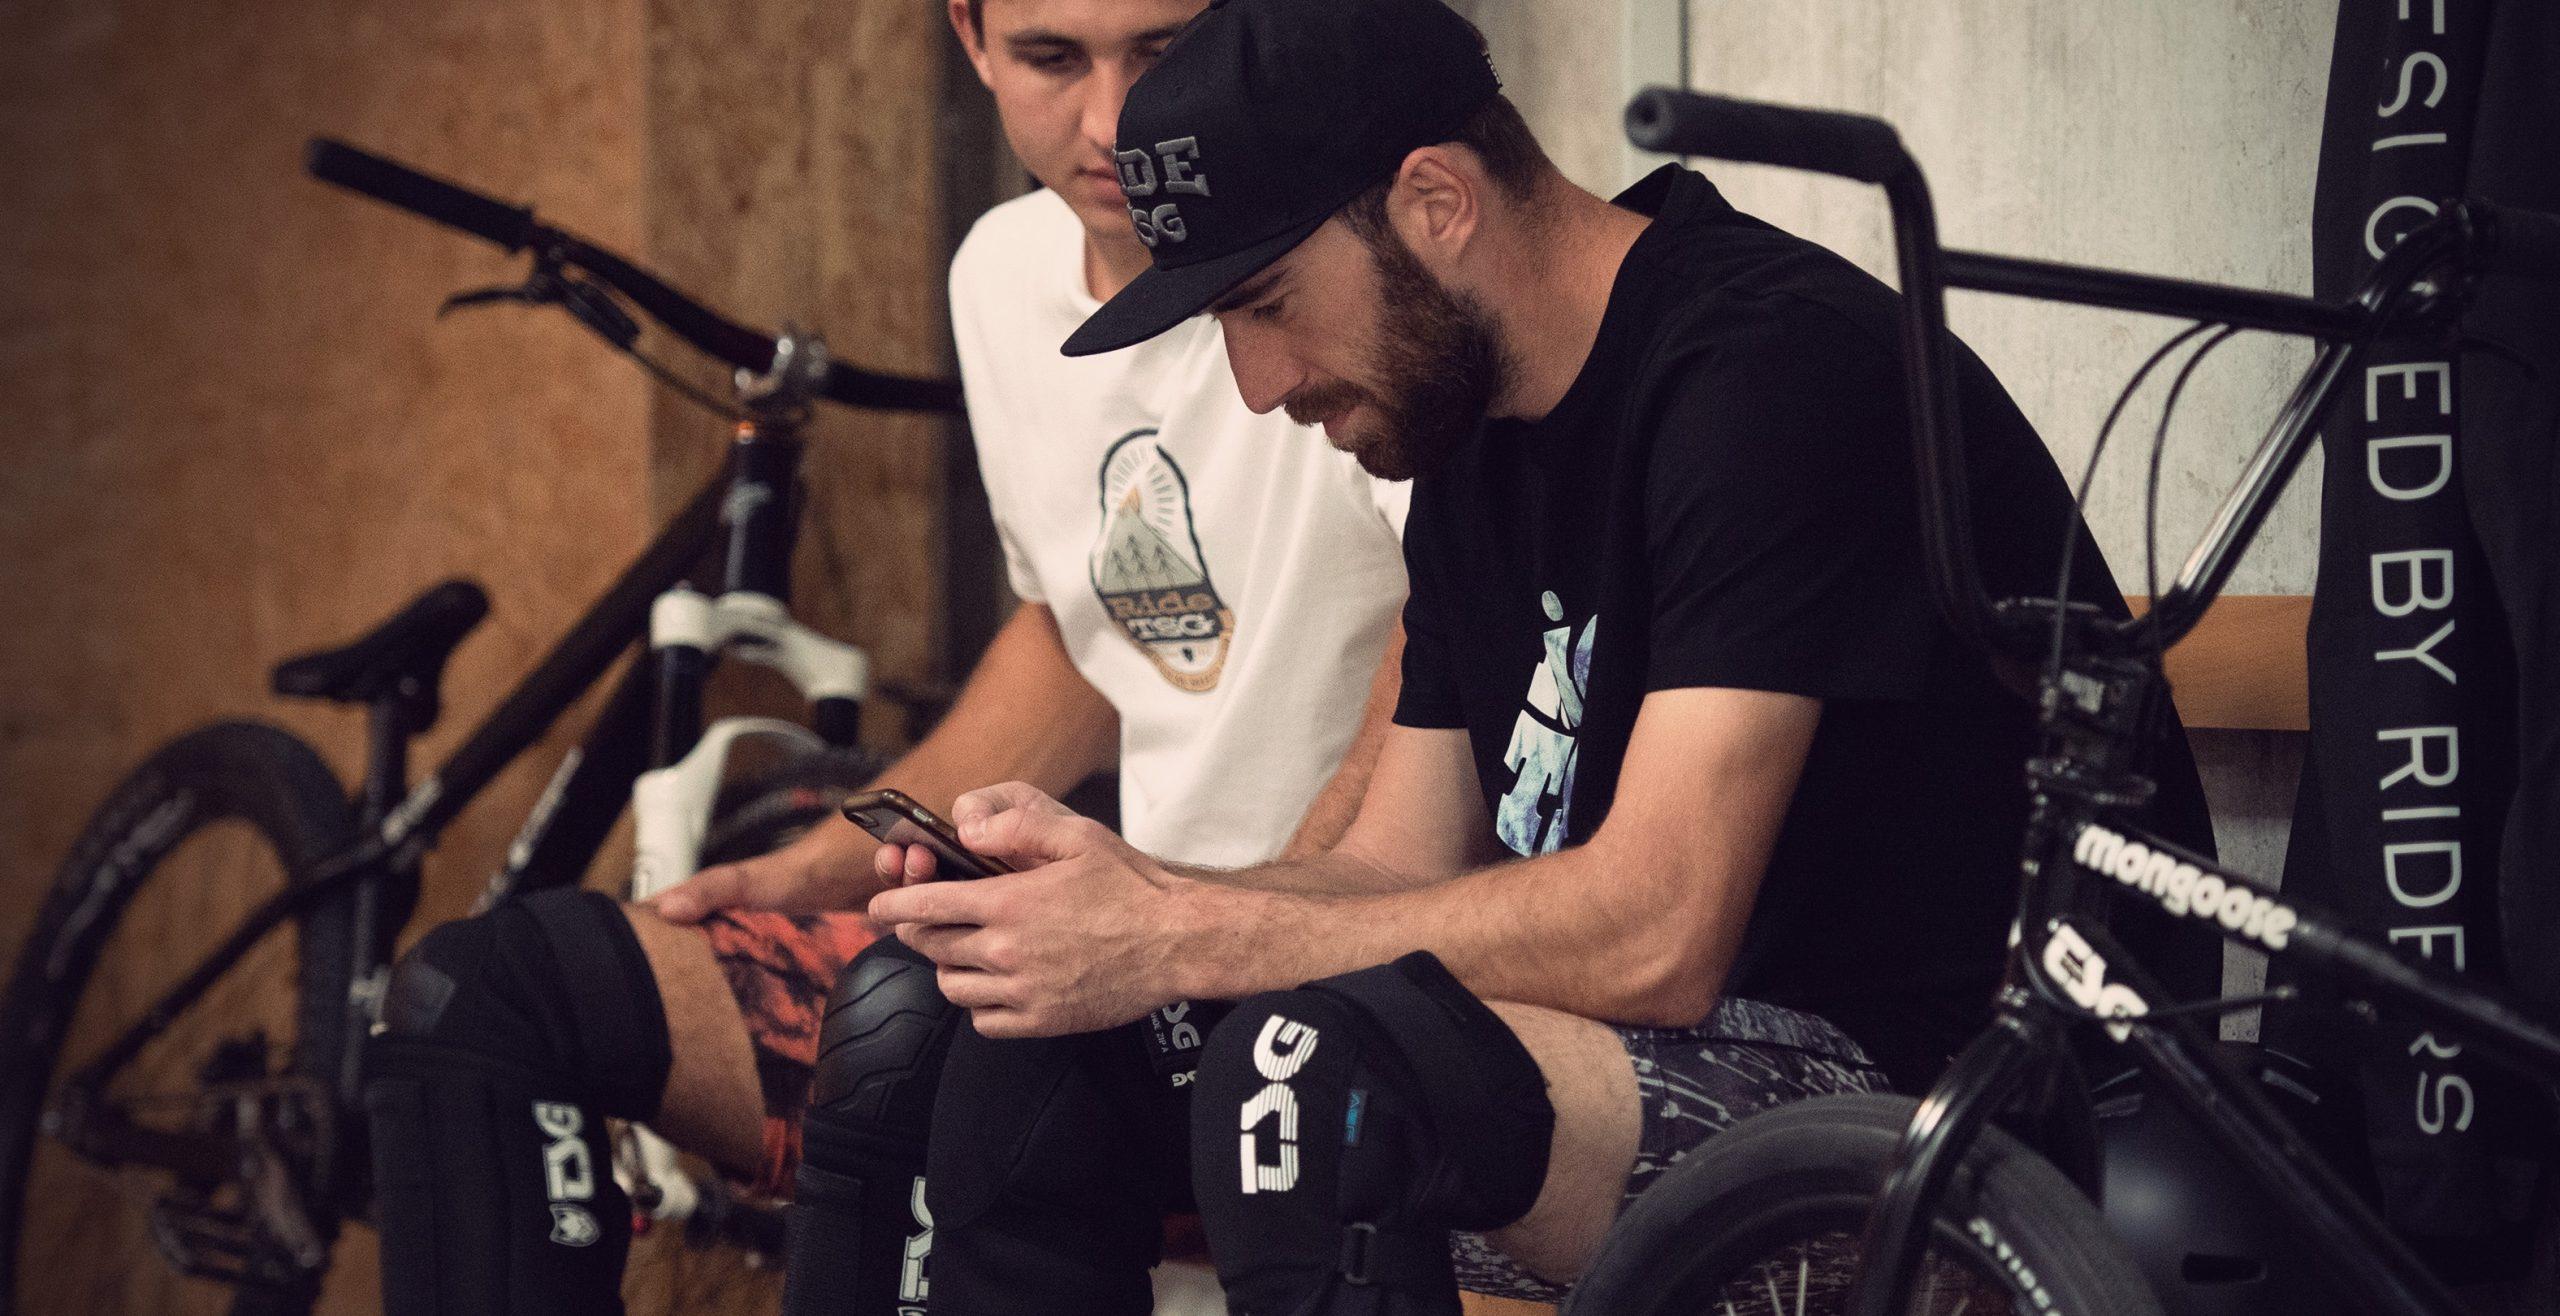 Daniel Wedemeijer and Lucas Huppert TSG team